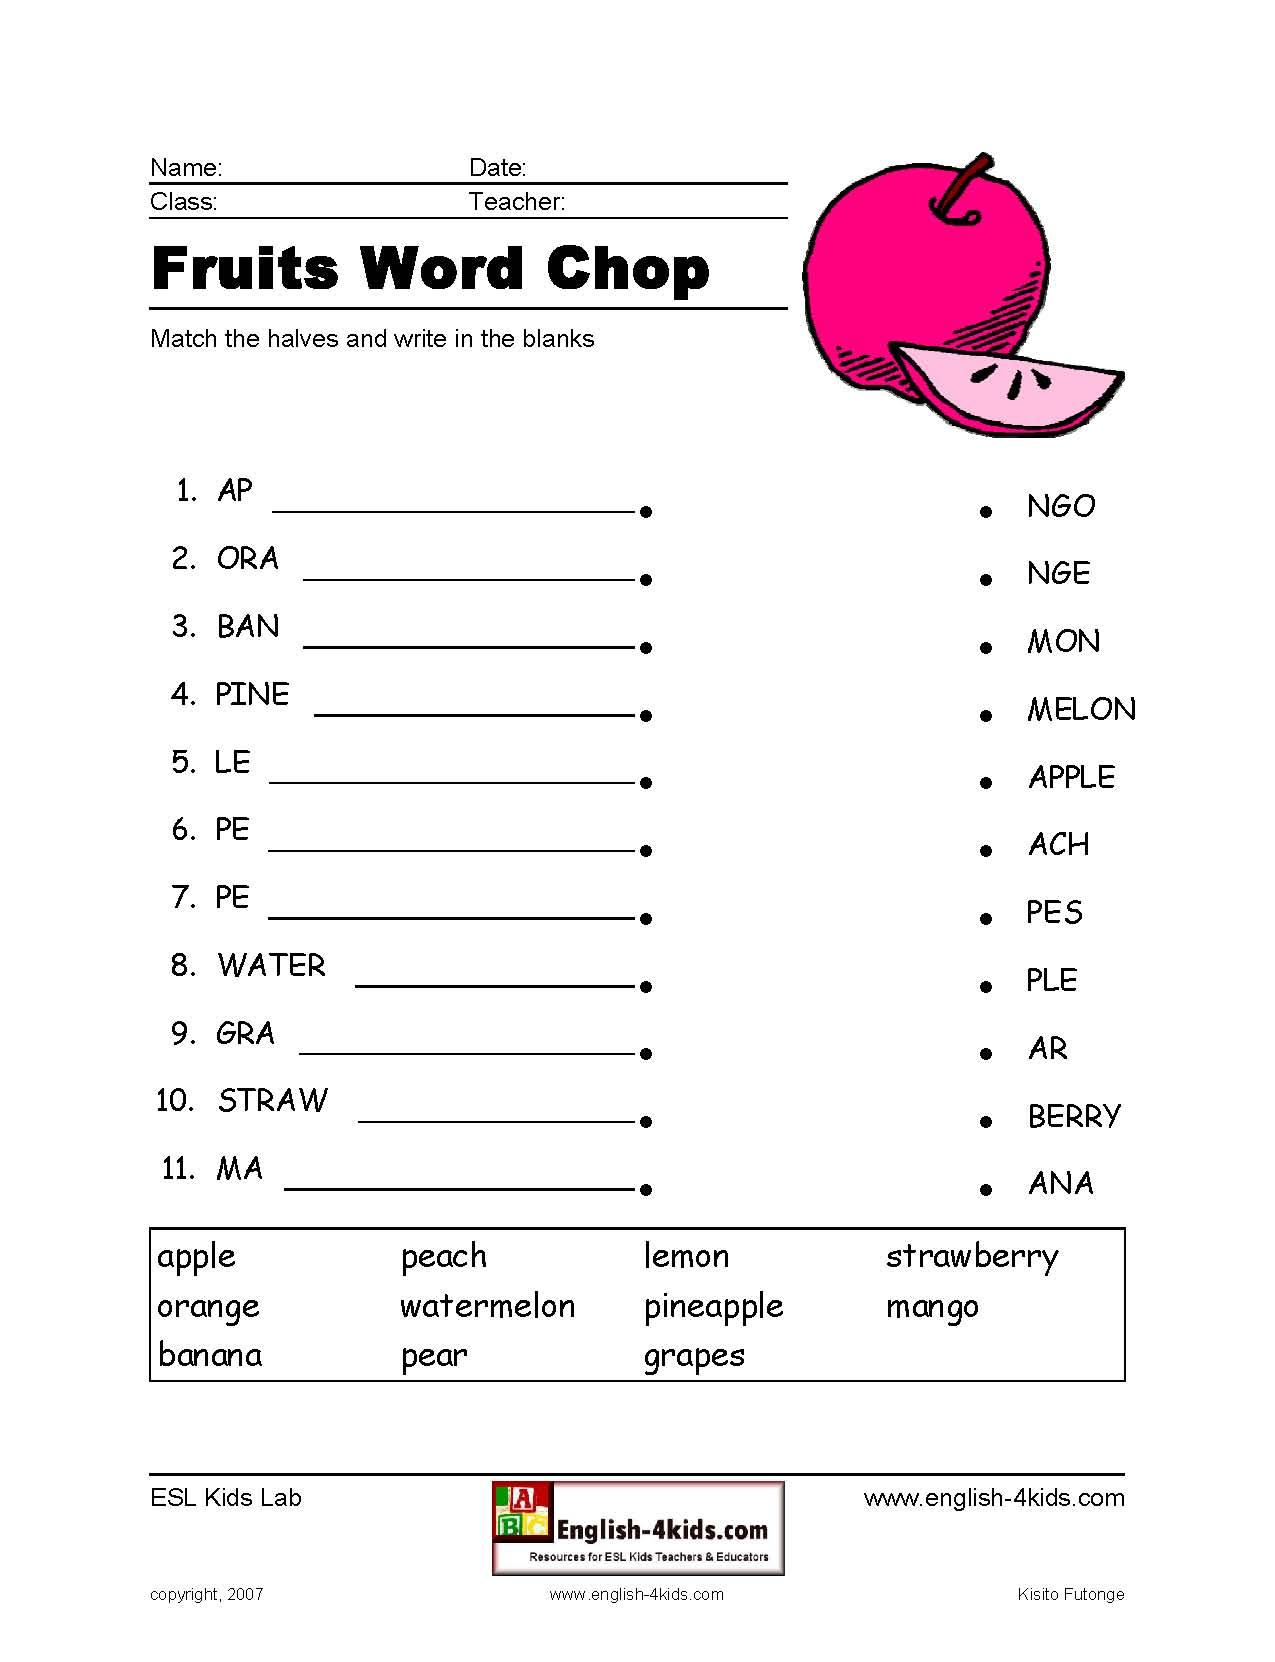 Fruit Word Chop